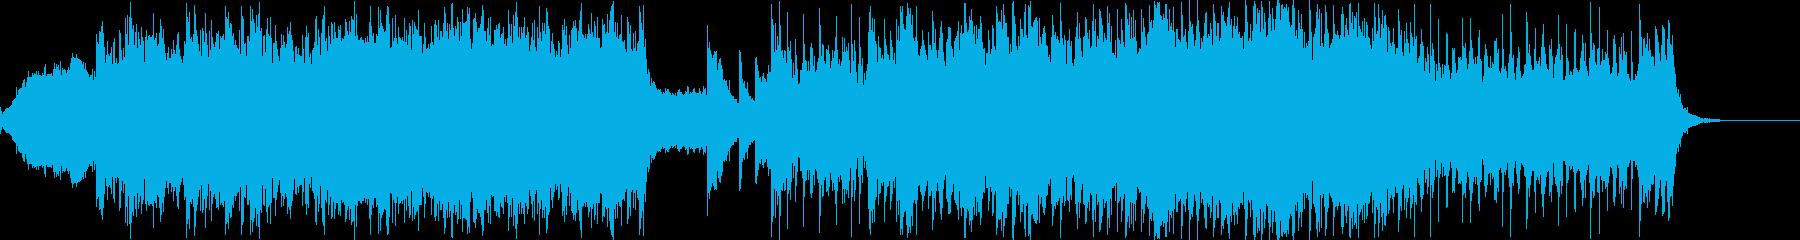 壮大パーカッシブなEDM的シネマティックの再生済みの波形